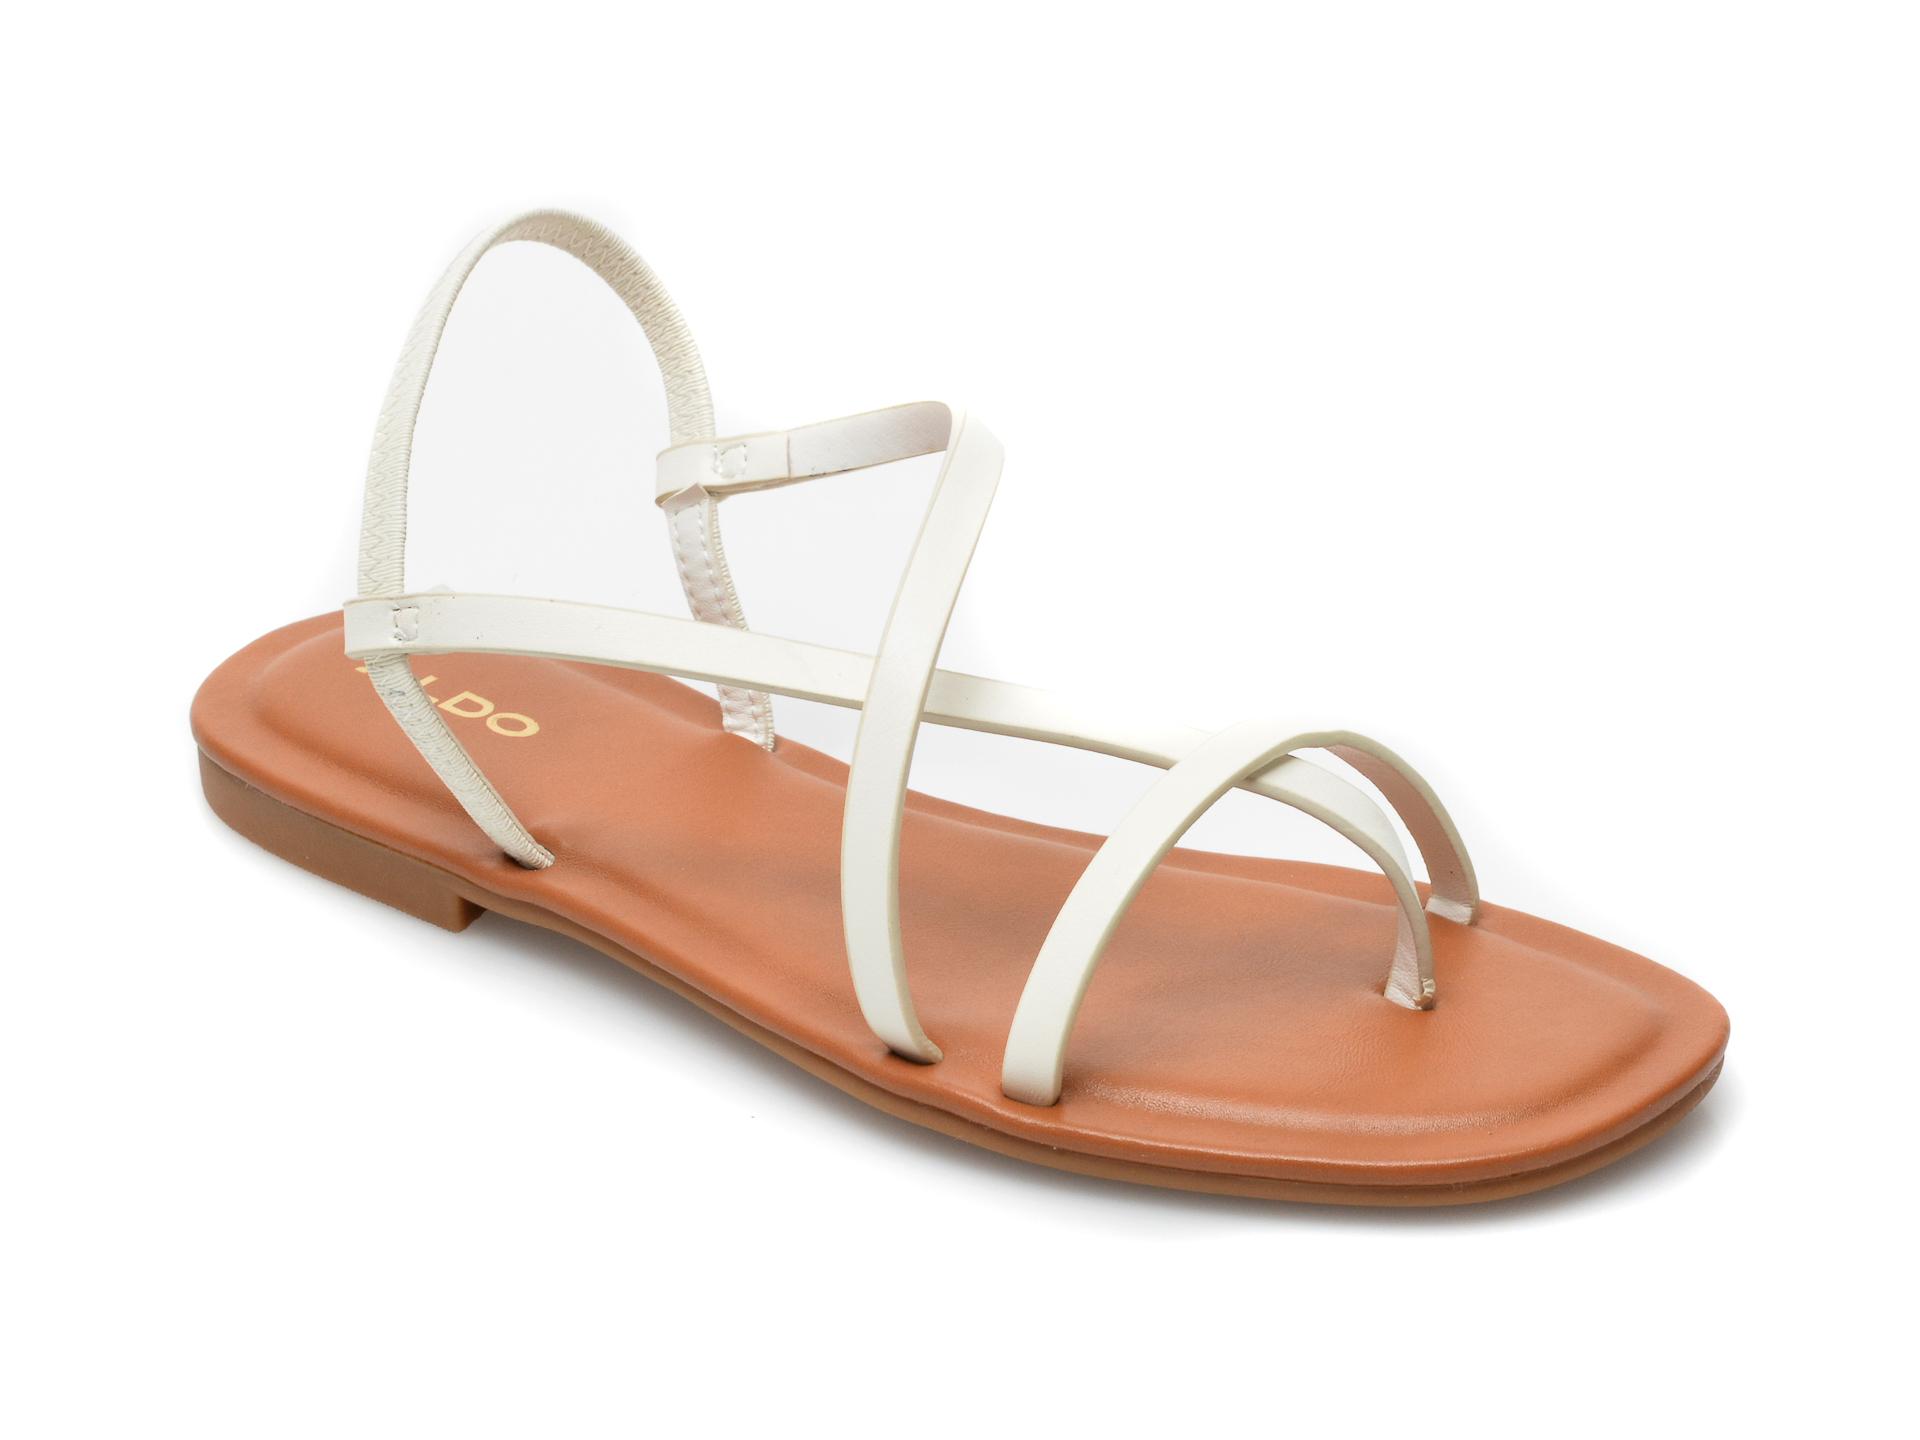 Sandale ALDO albe, Broasa100, din piele ecologica imagine otter.ro